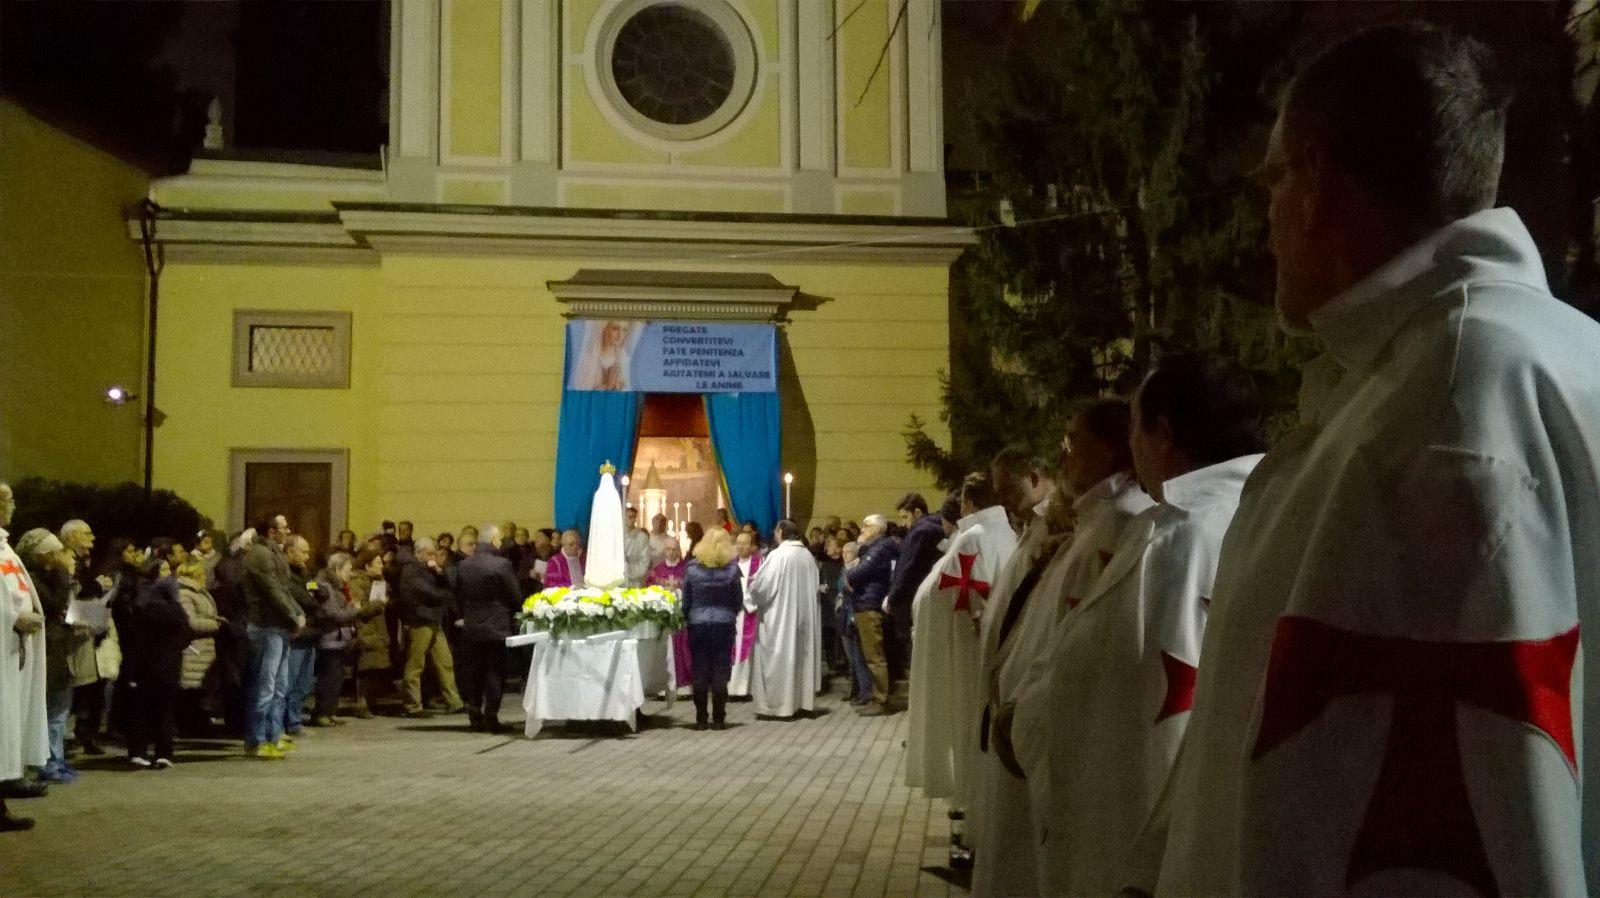 I Templari Cattolici d'Italia partecipano alla Santa Messa della Missione Popolare Madonna Pellegrina di Fatima a Milano